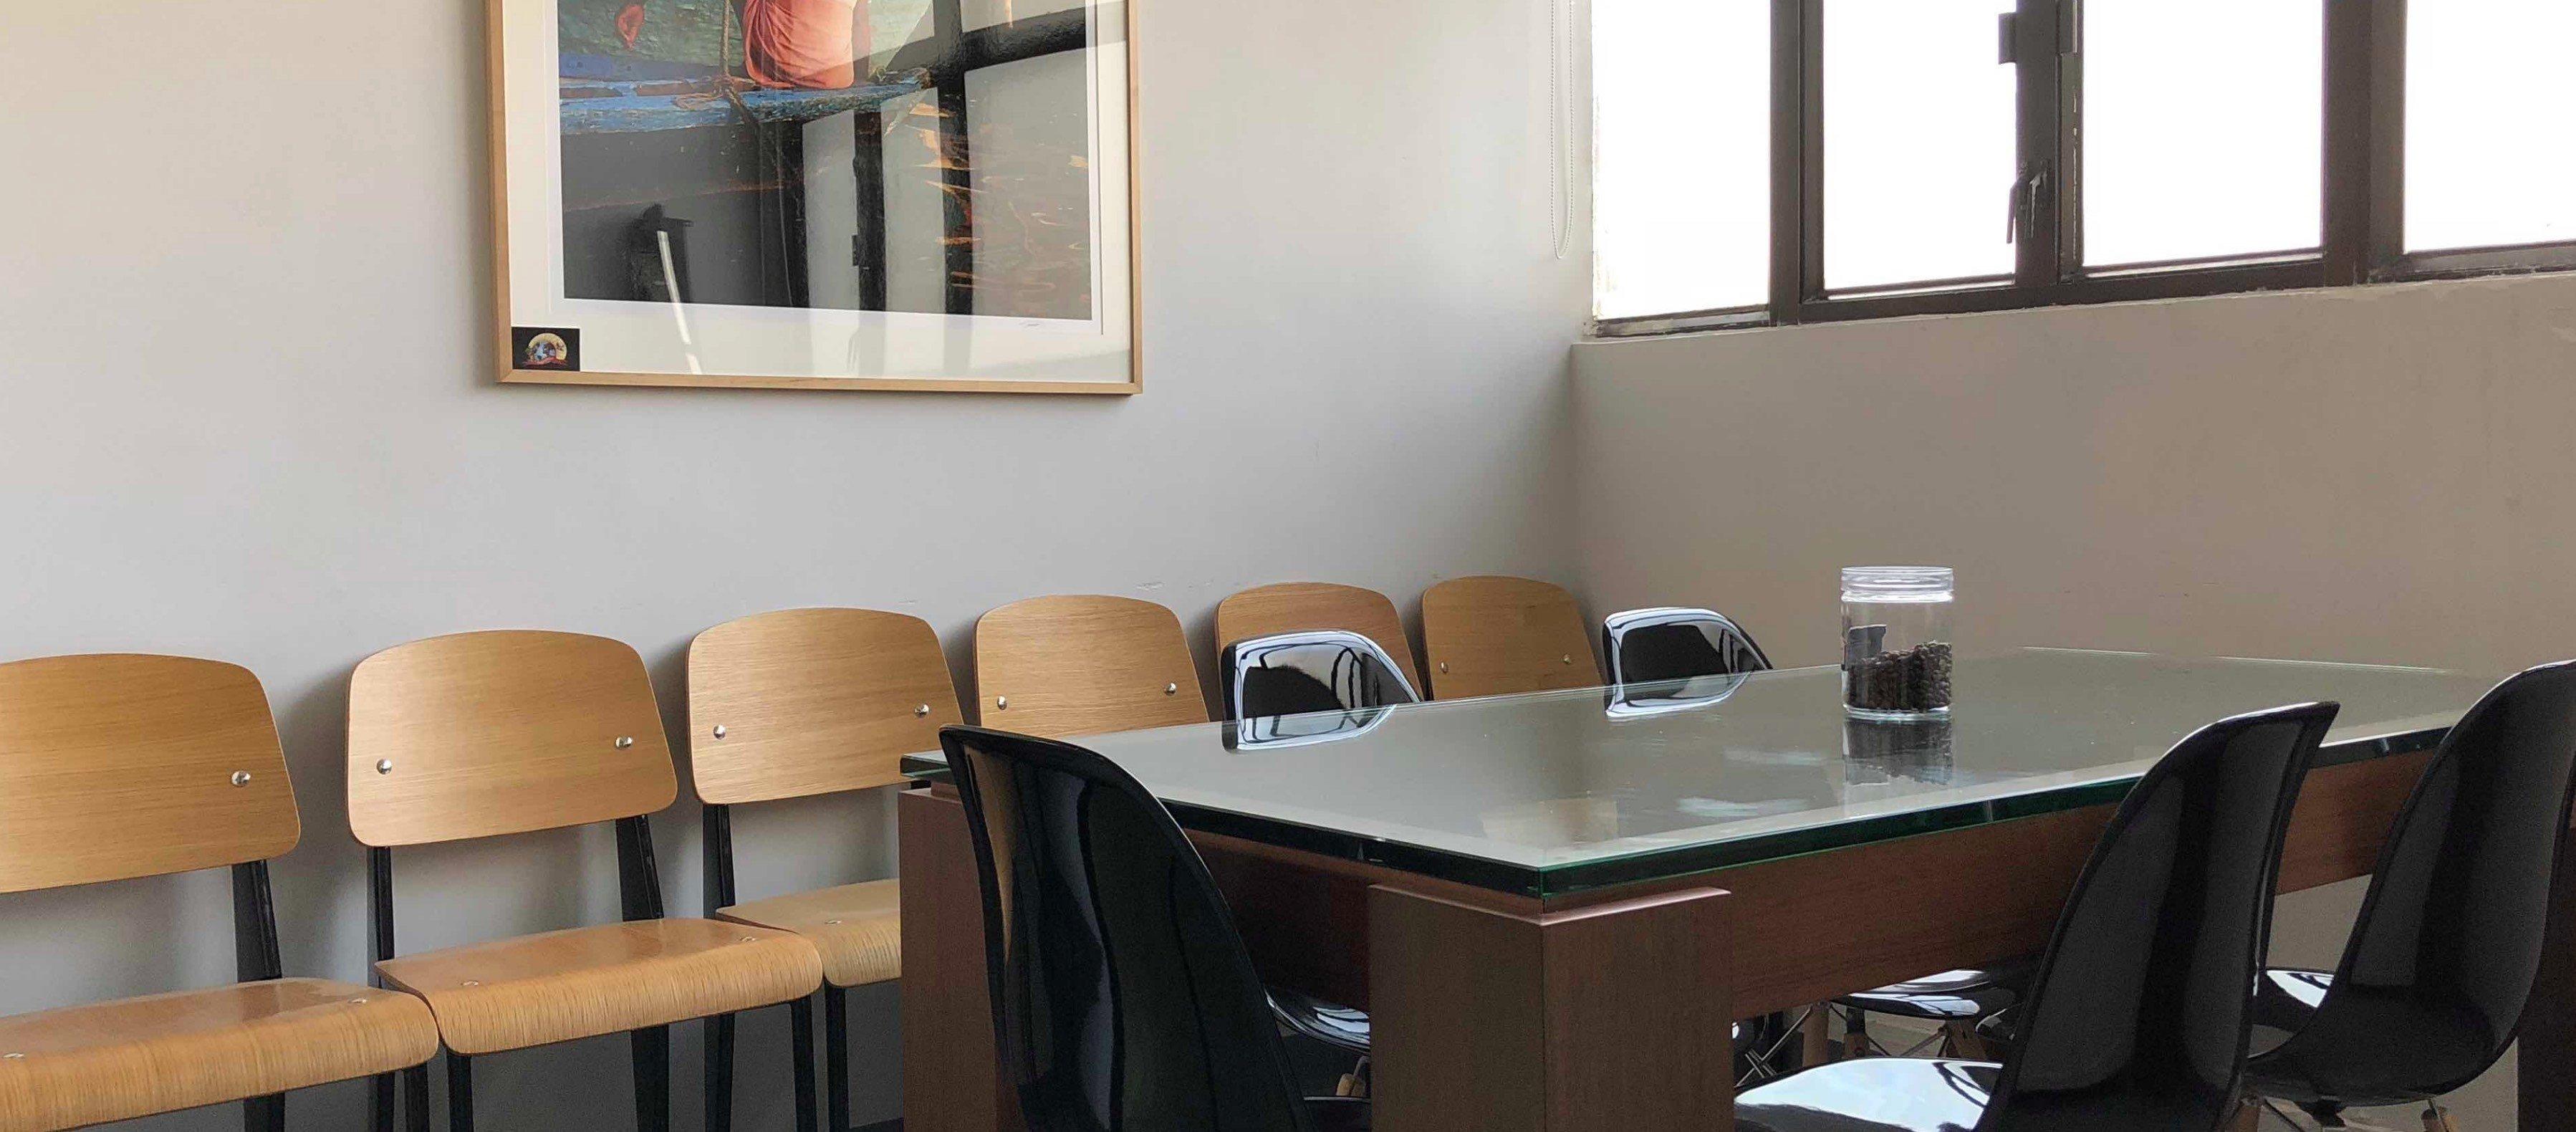 Meeting Room Rental (2 hours)